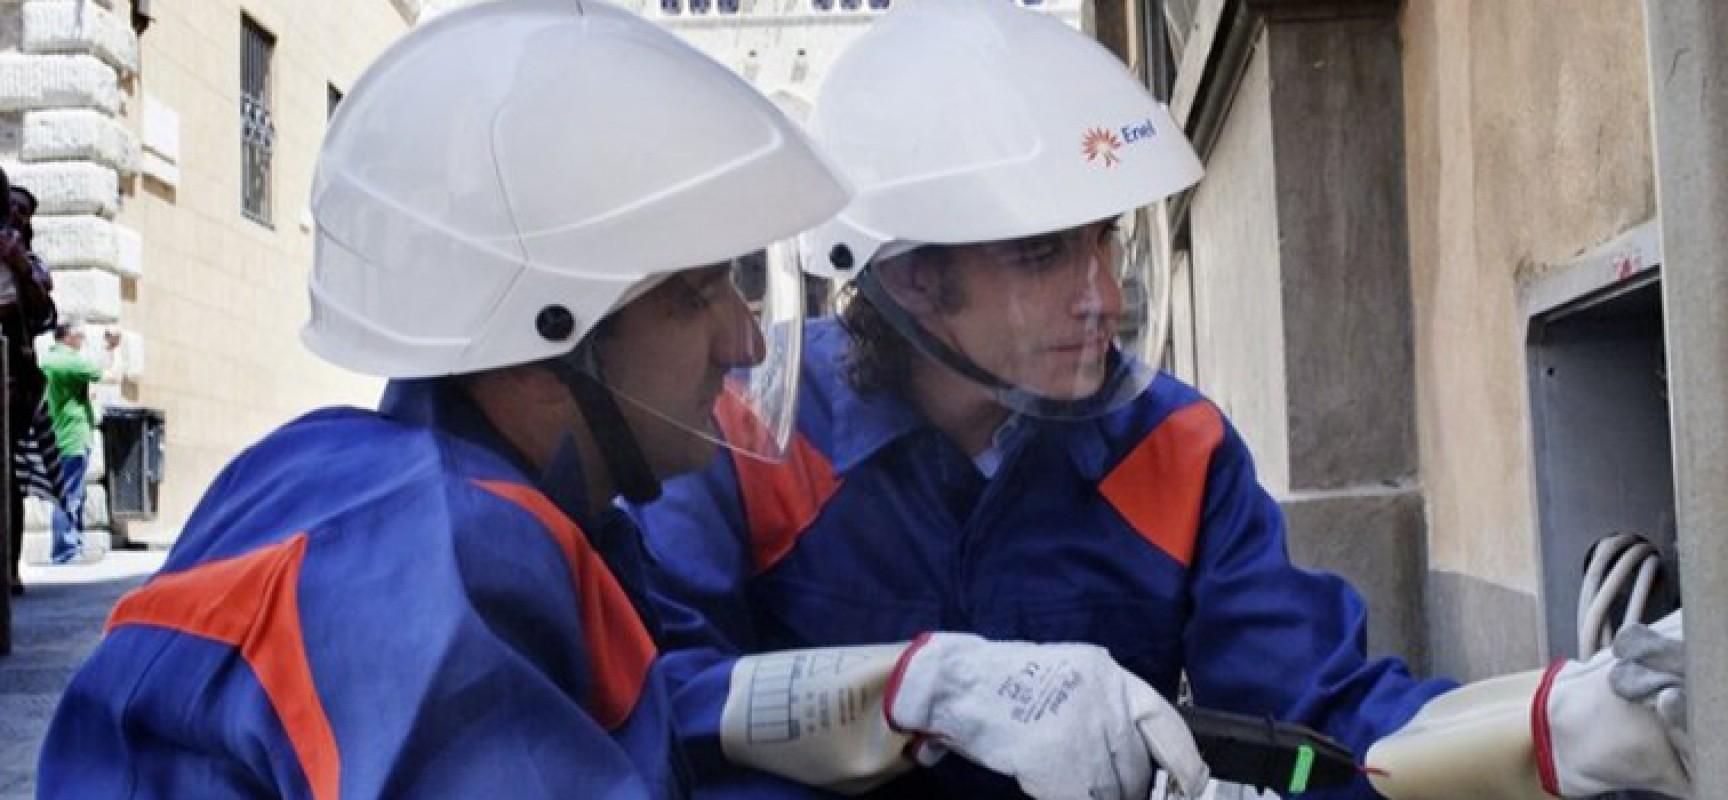 Lavori impianti Enel, interruzione energia elettrica su via Fragata e via Sergio Cosmai / DETTAGLI